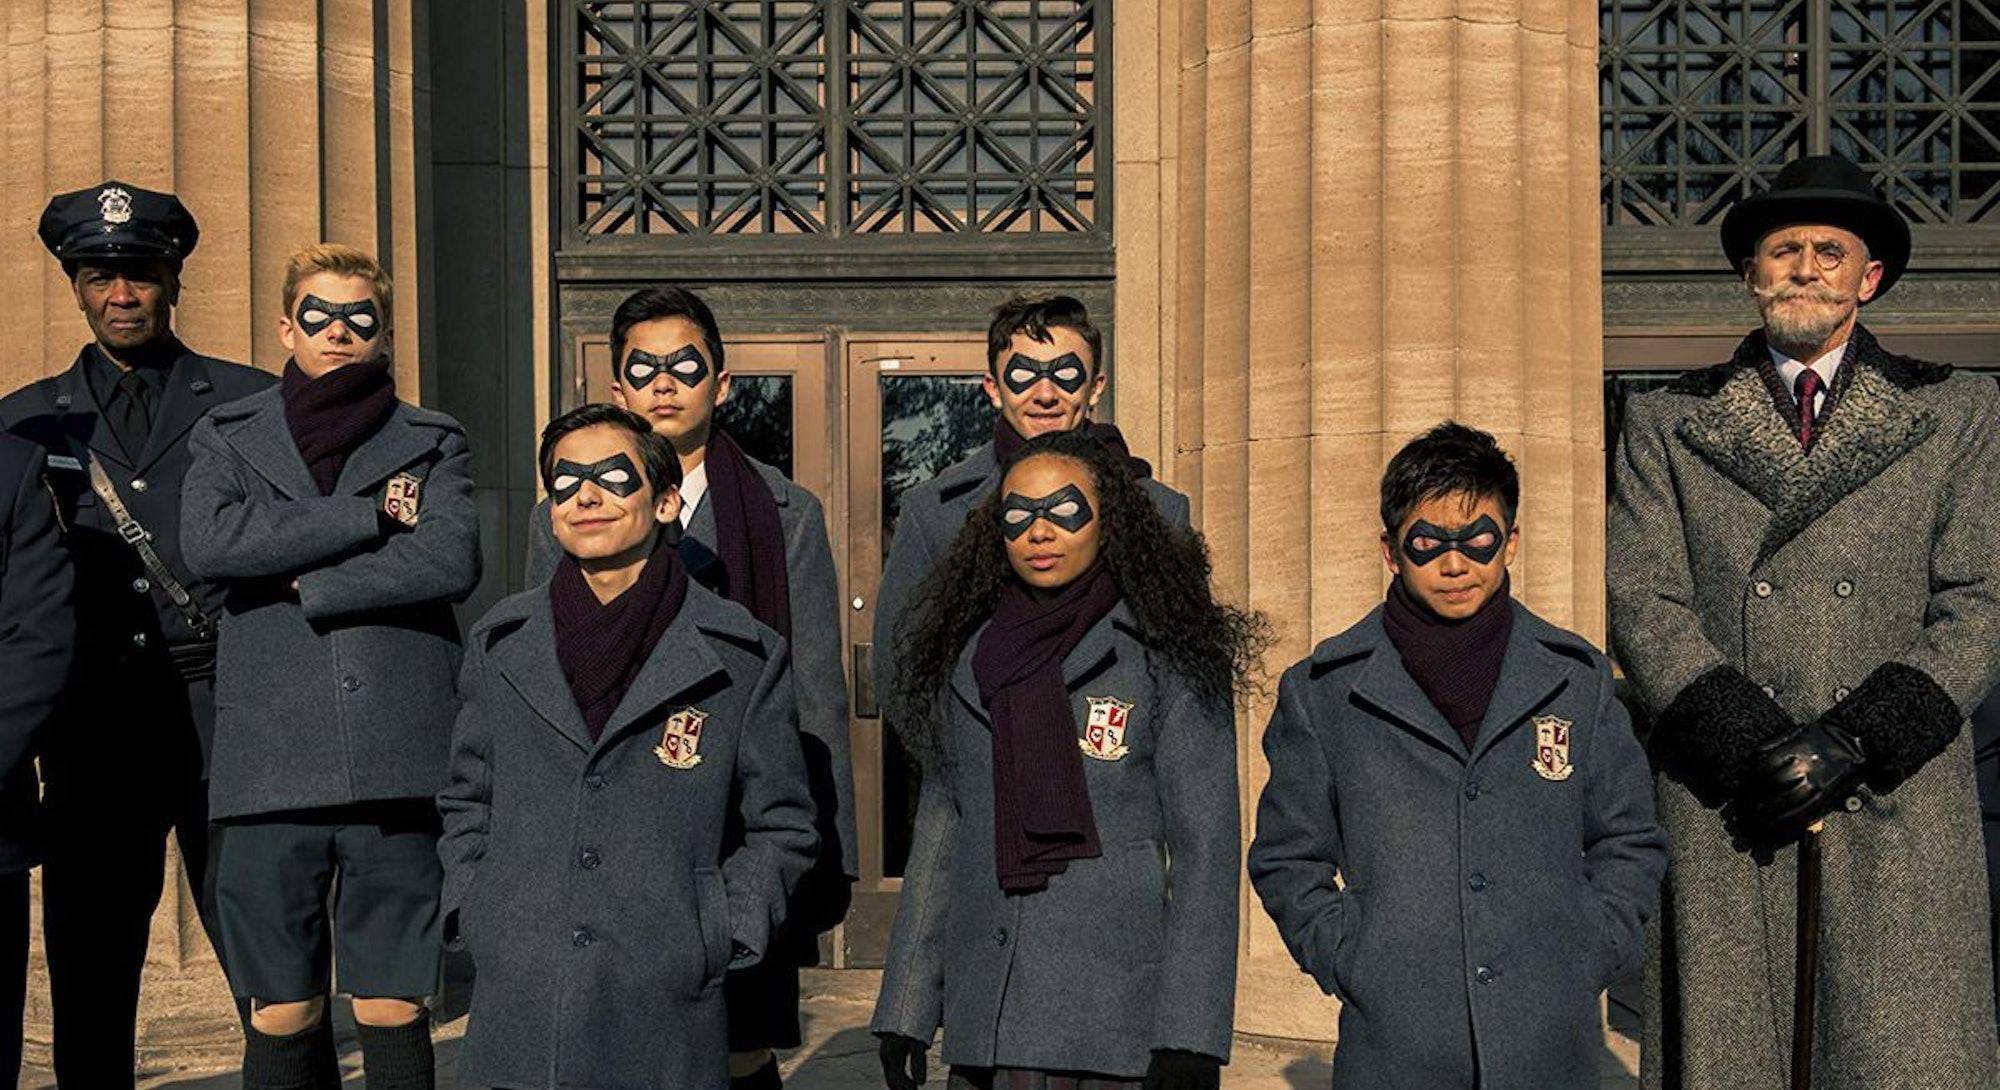 umbrella academy cast in school uniforms